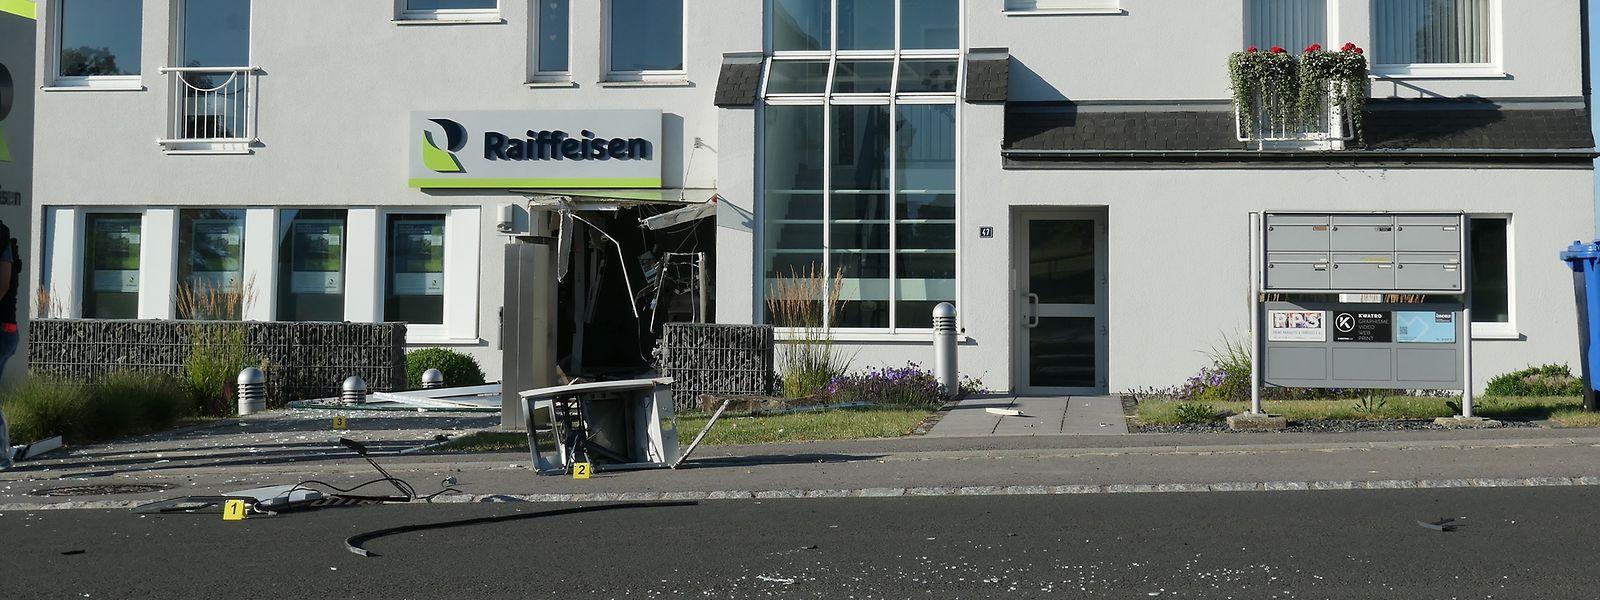 Der Eingangsbereich der Bankfiliale wurde arg in Mitleidenschaft gezogen.